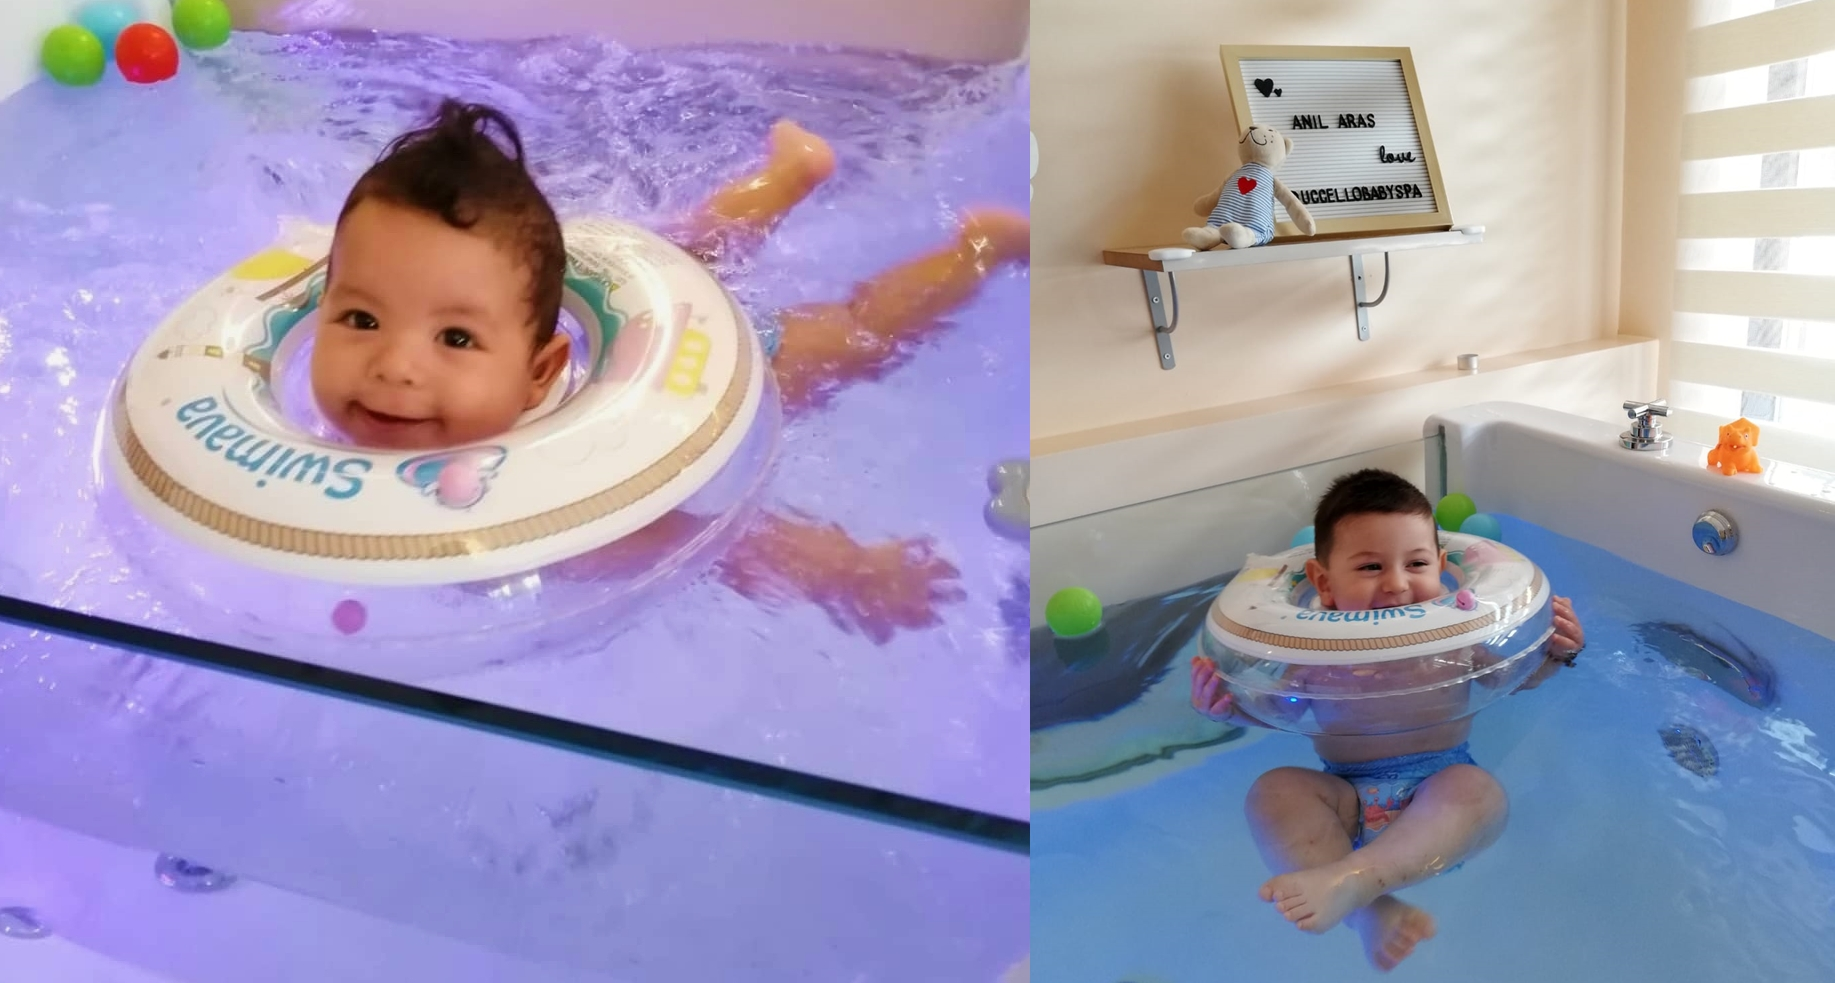 Uccello Baby Spa! Bebeklerin Spa ve Masaj Keyfi..